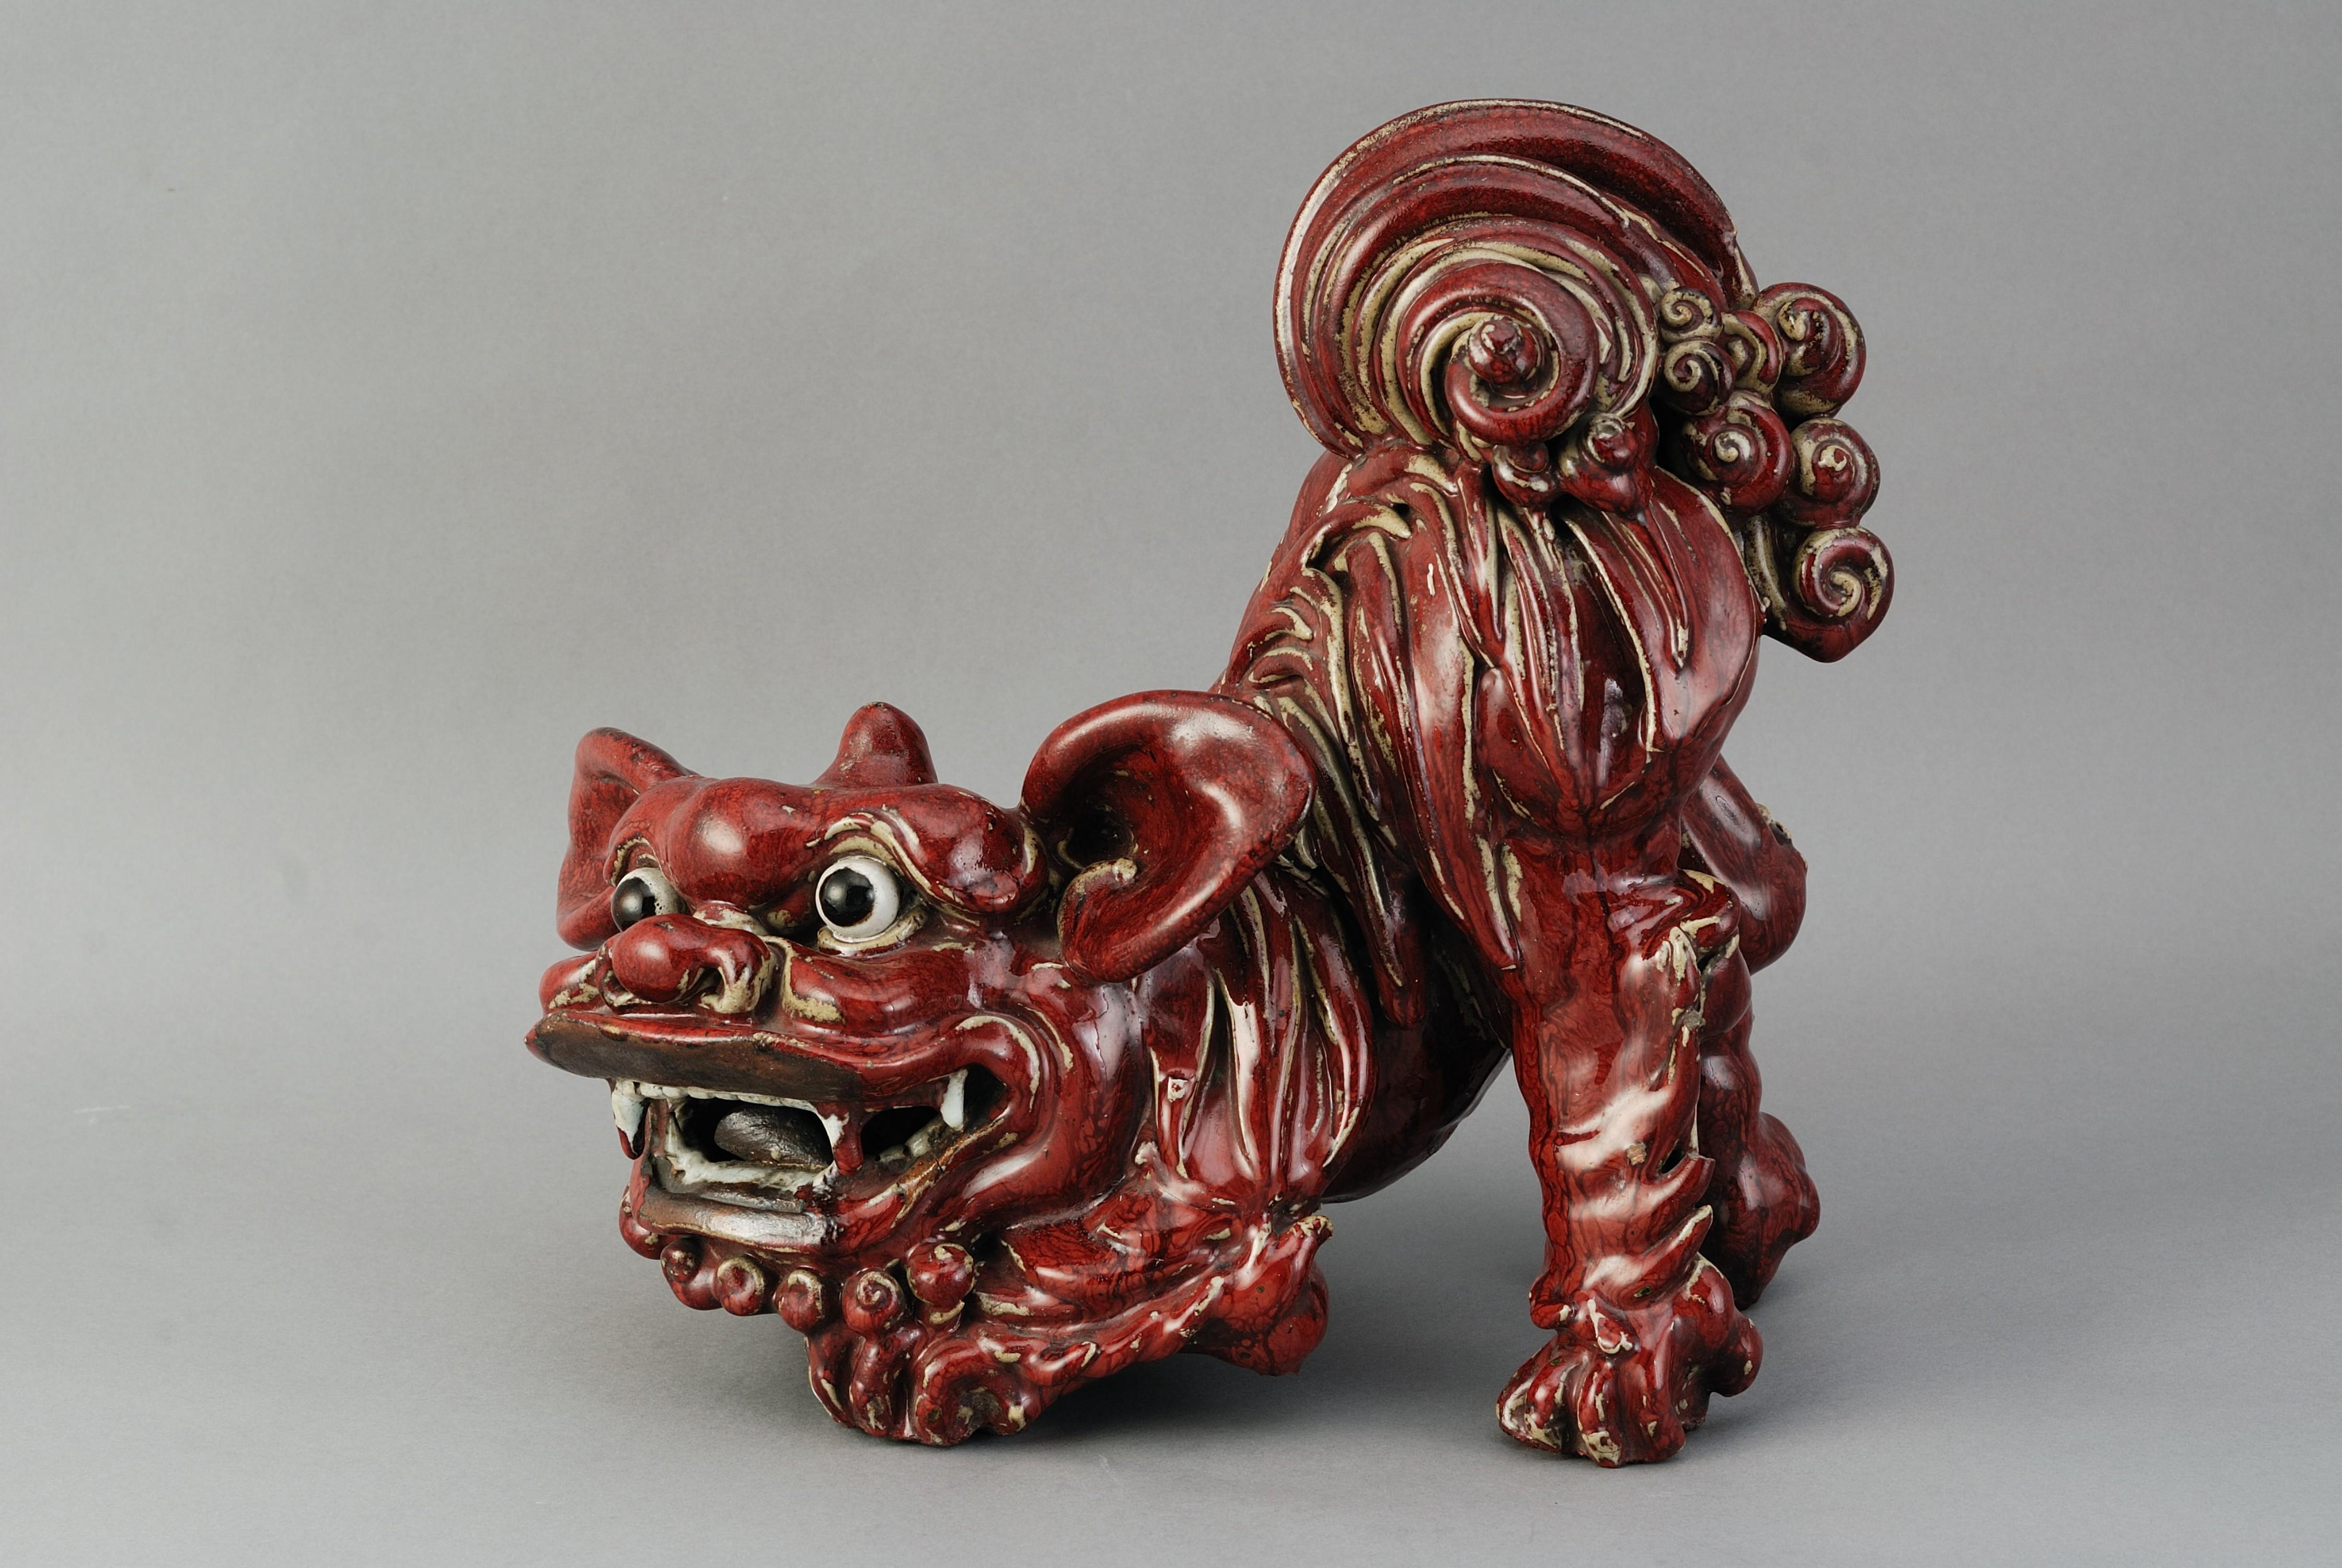 清石灣窯紅釉獅陶擺件